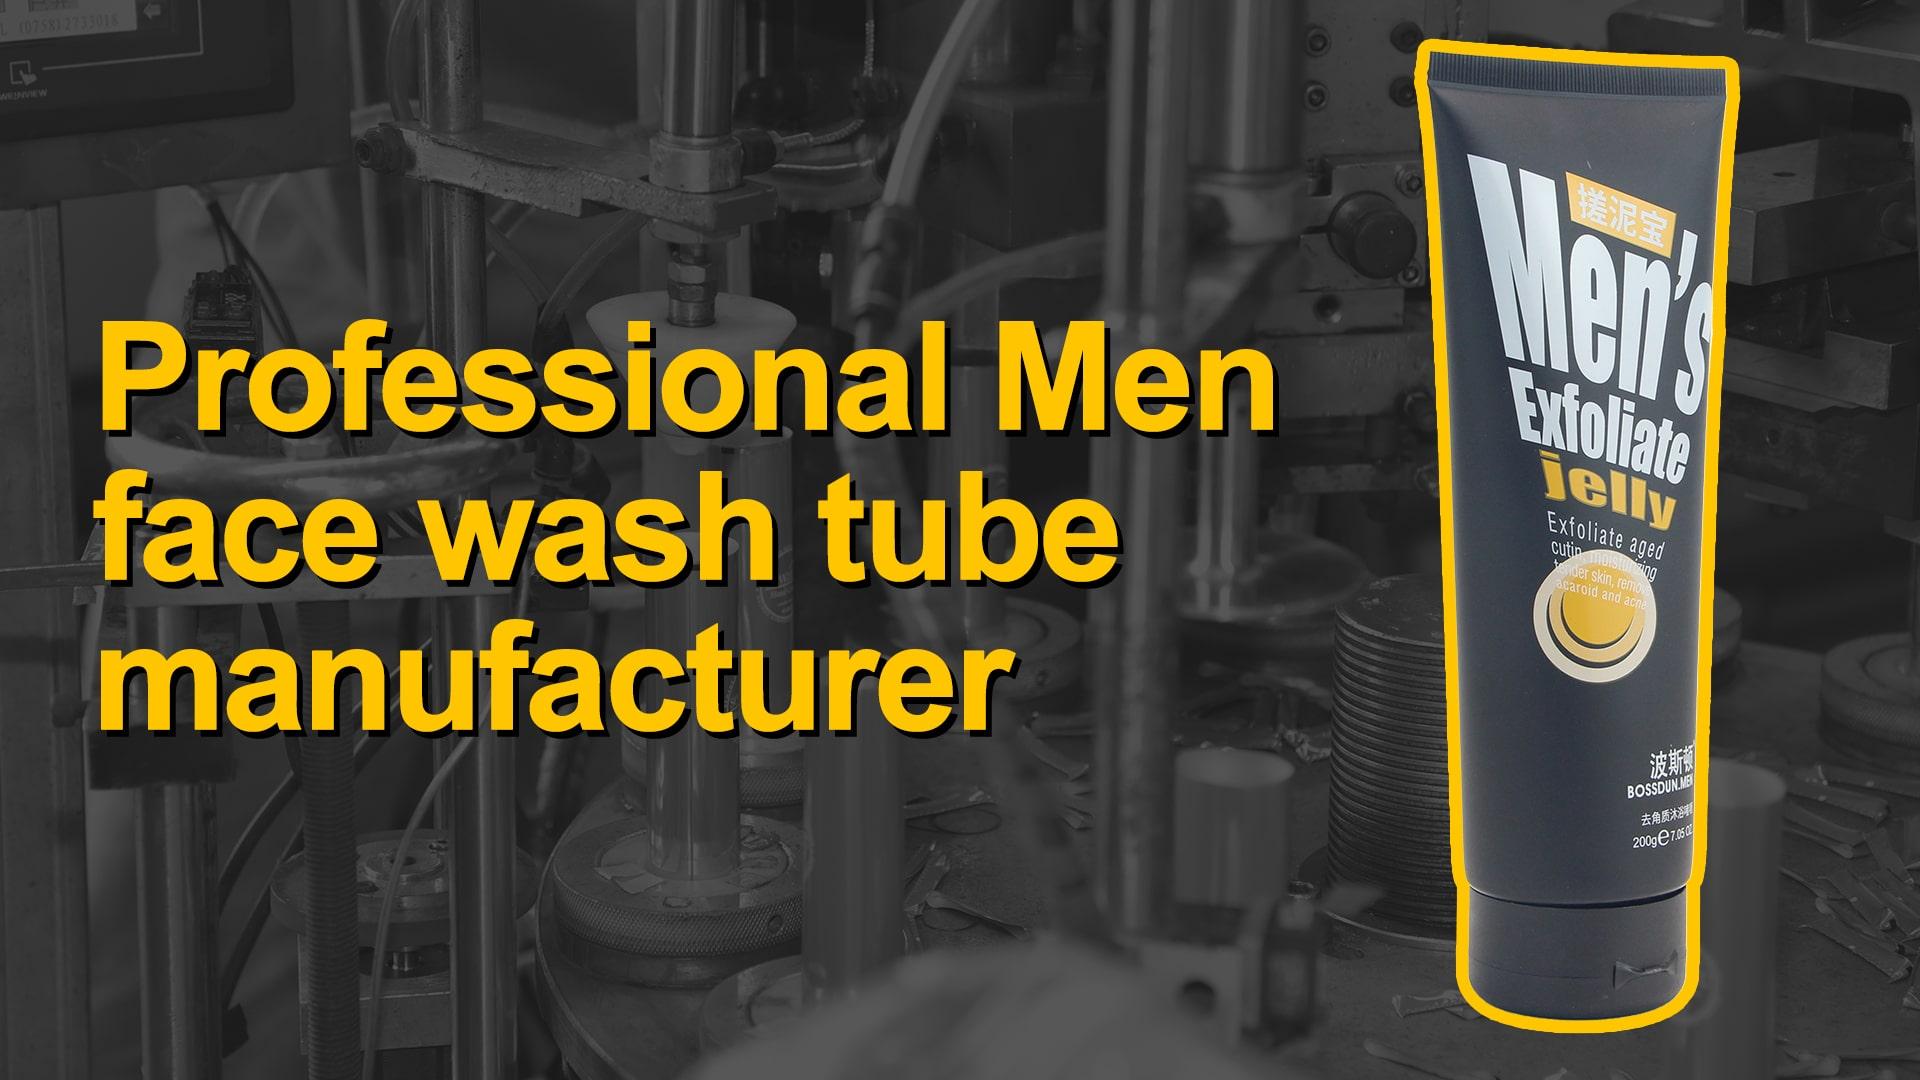 المهنية الرجال الوجه غسل أنبوب الصانع